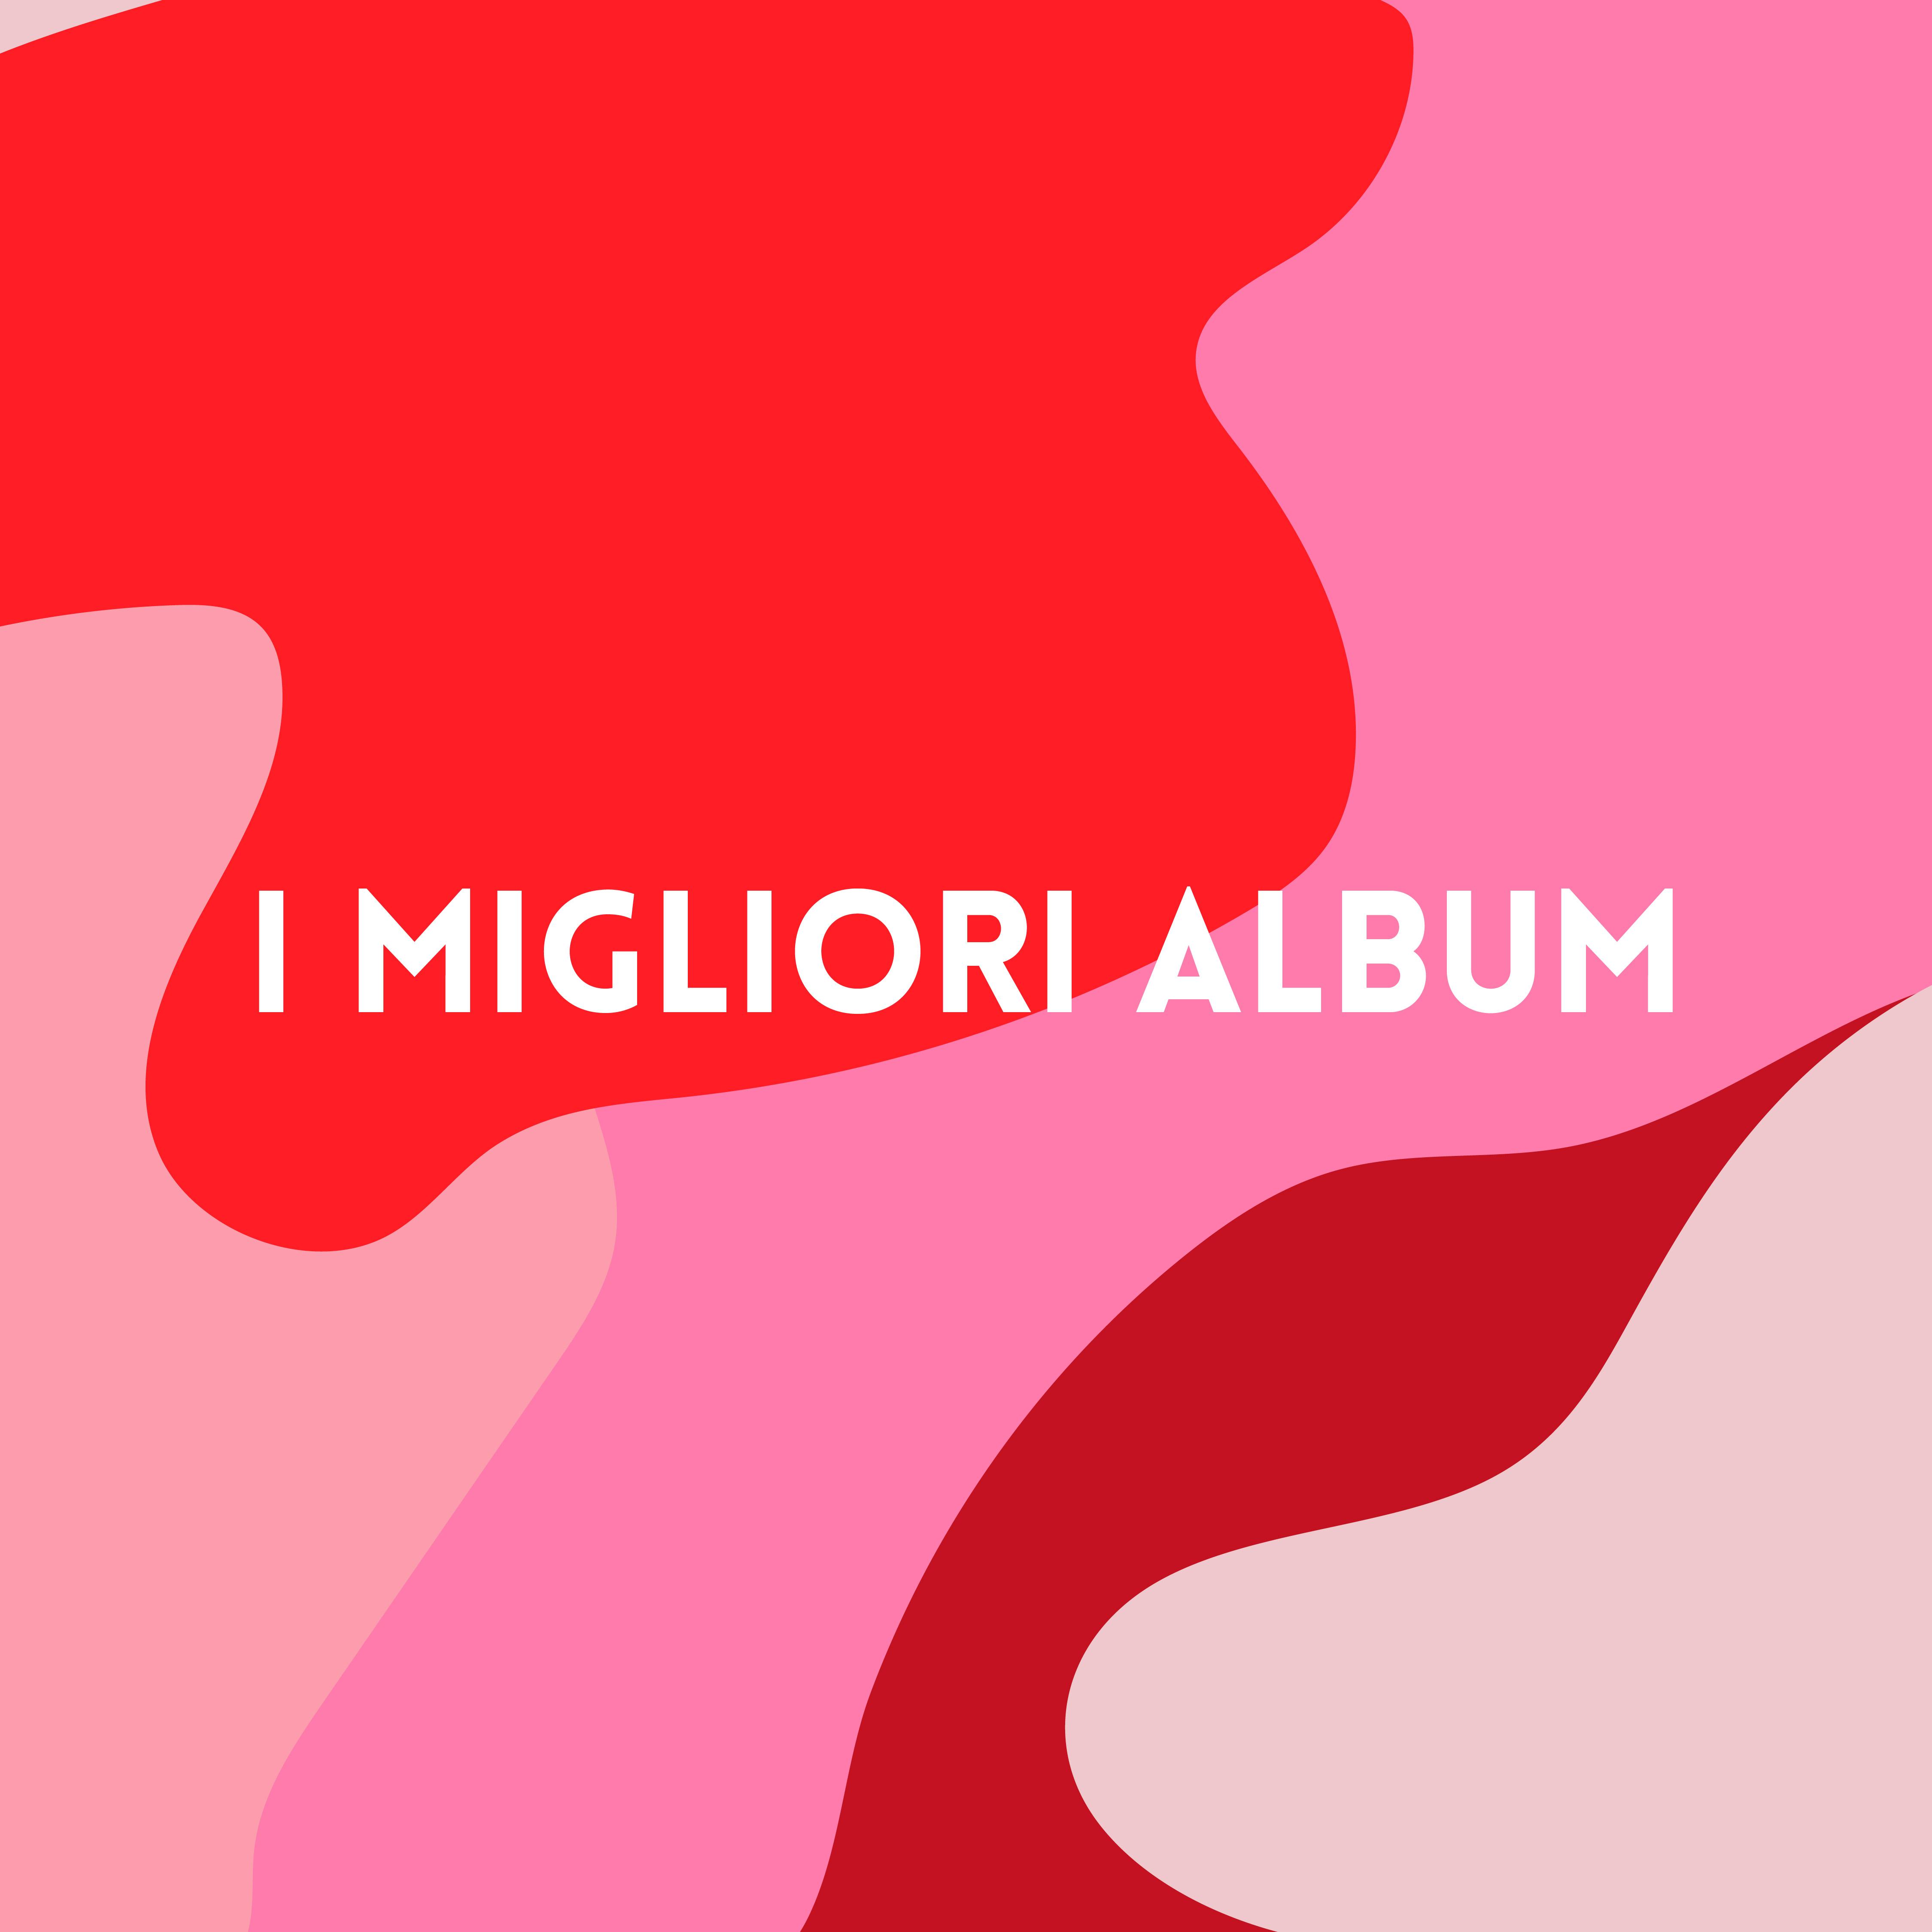 migliori album 2018